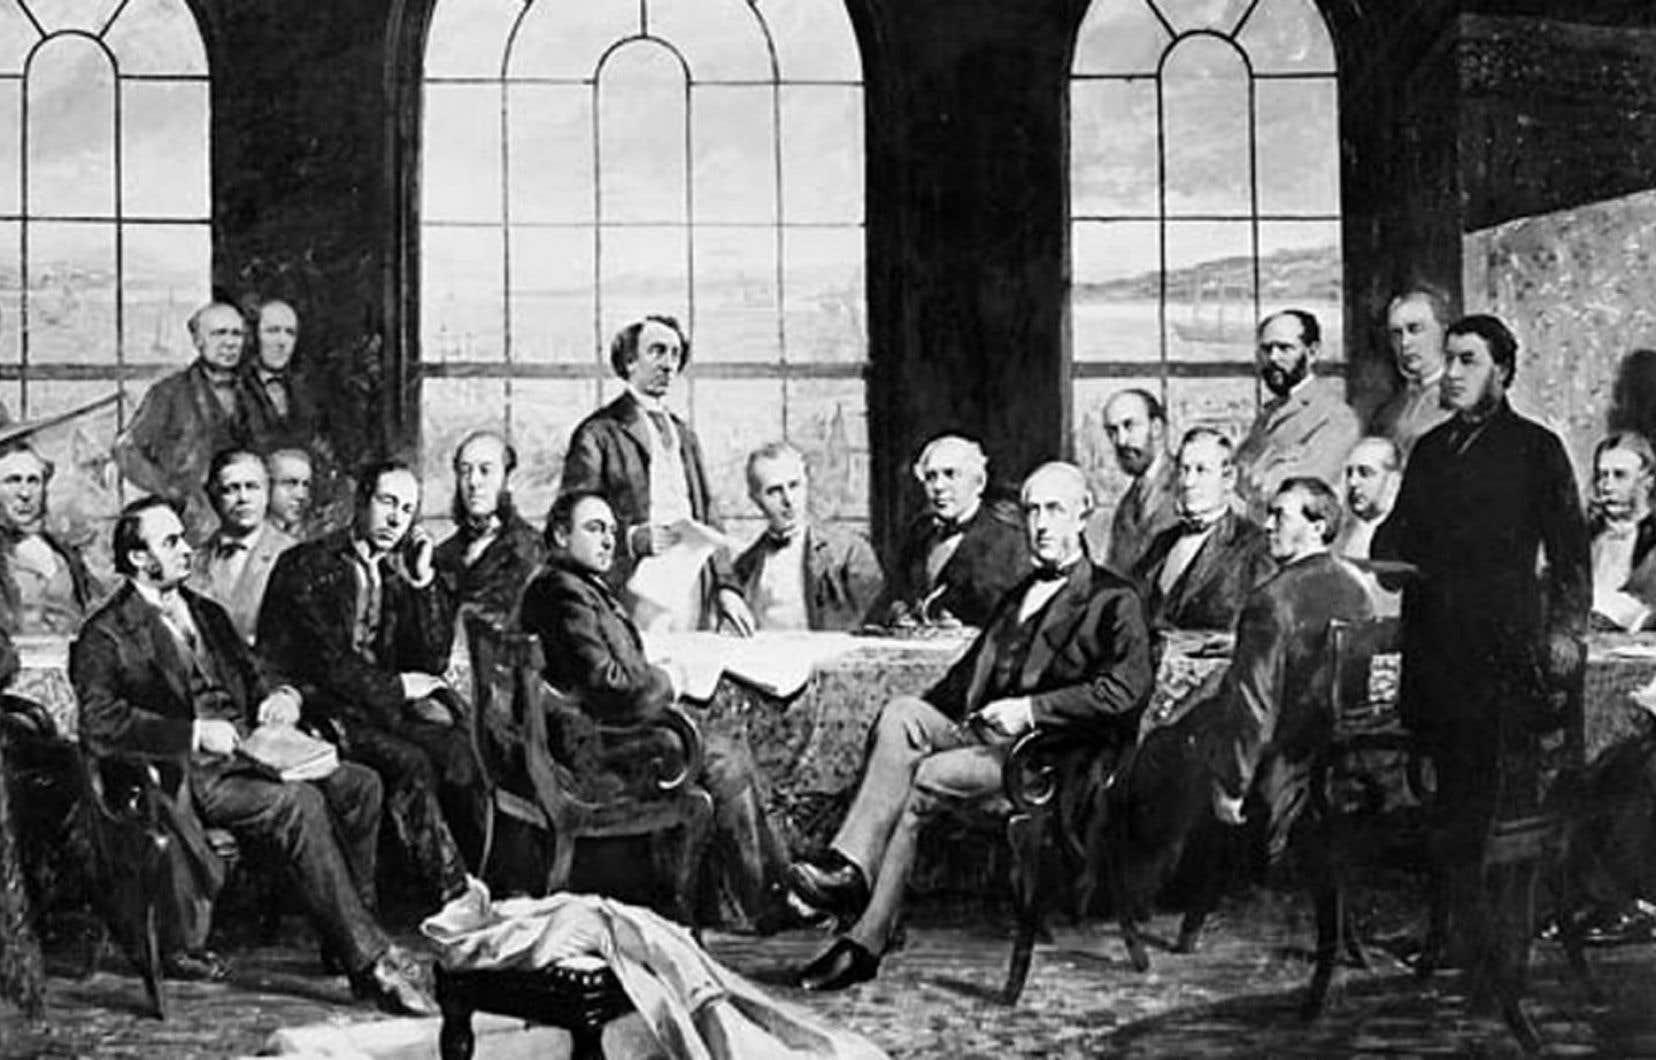 La conférence constitutionnelle de 1864 à Québec fût tenue à huis clos. Les journalistes eux-mêmes n'y avaient pas accès.